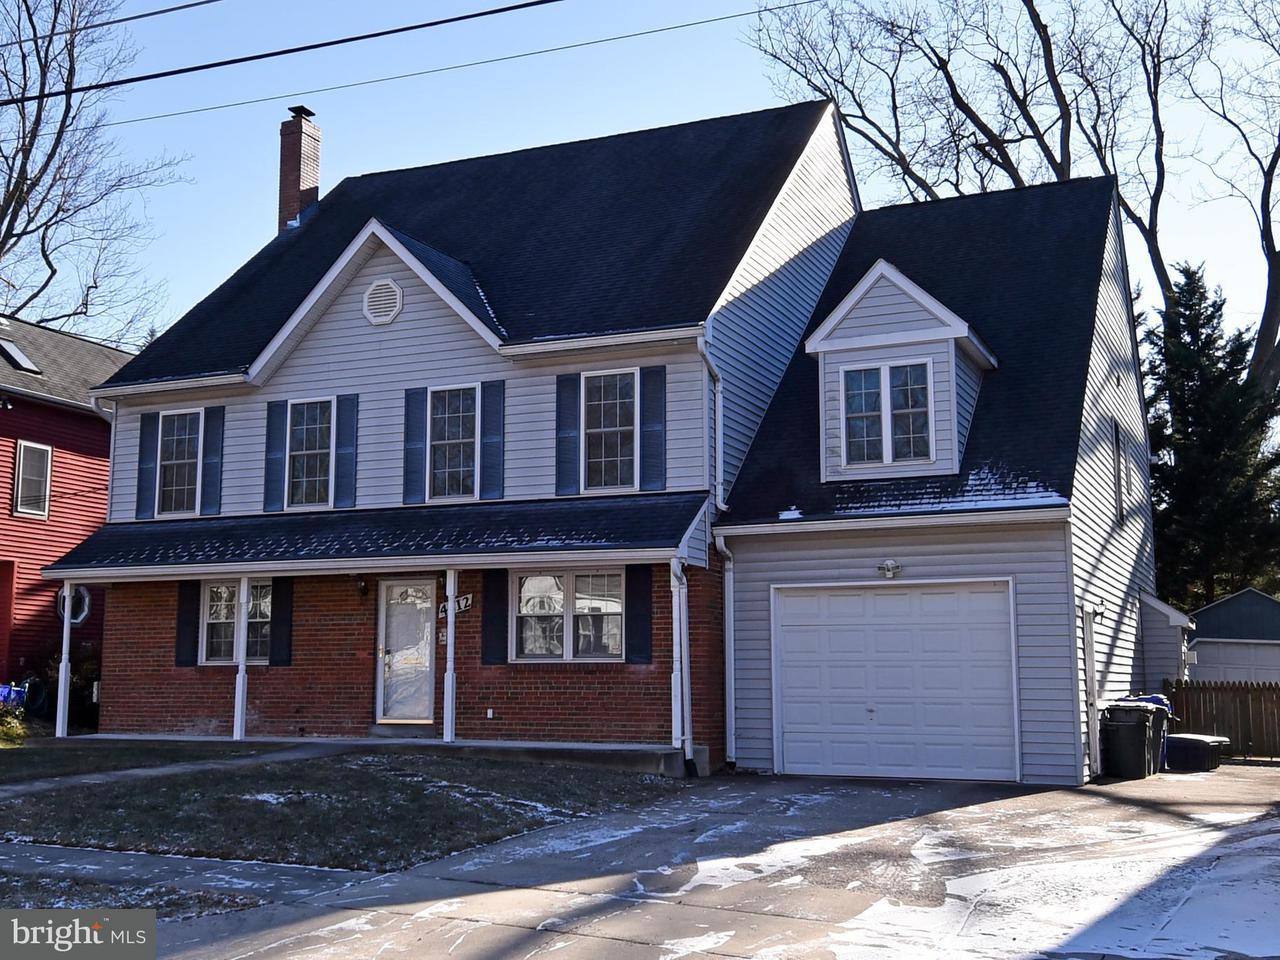 Μονοκατοικία για την Πώληση στο 4212 ANTHONY Street 4212 ANTHONY Street Kensington, Μεριλαντ 20895 Ηνωμενεσ Πολιτειεσ